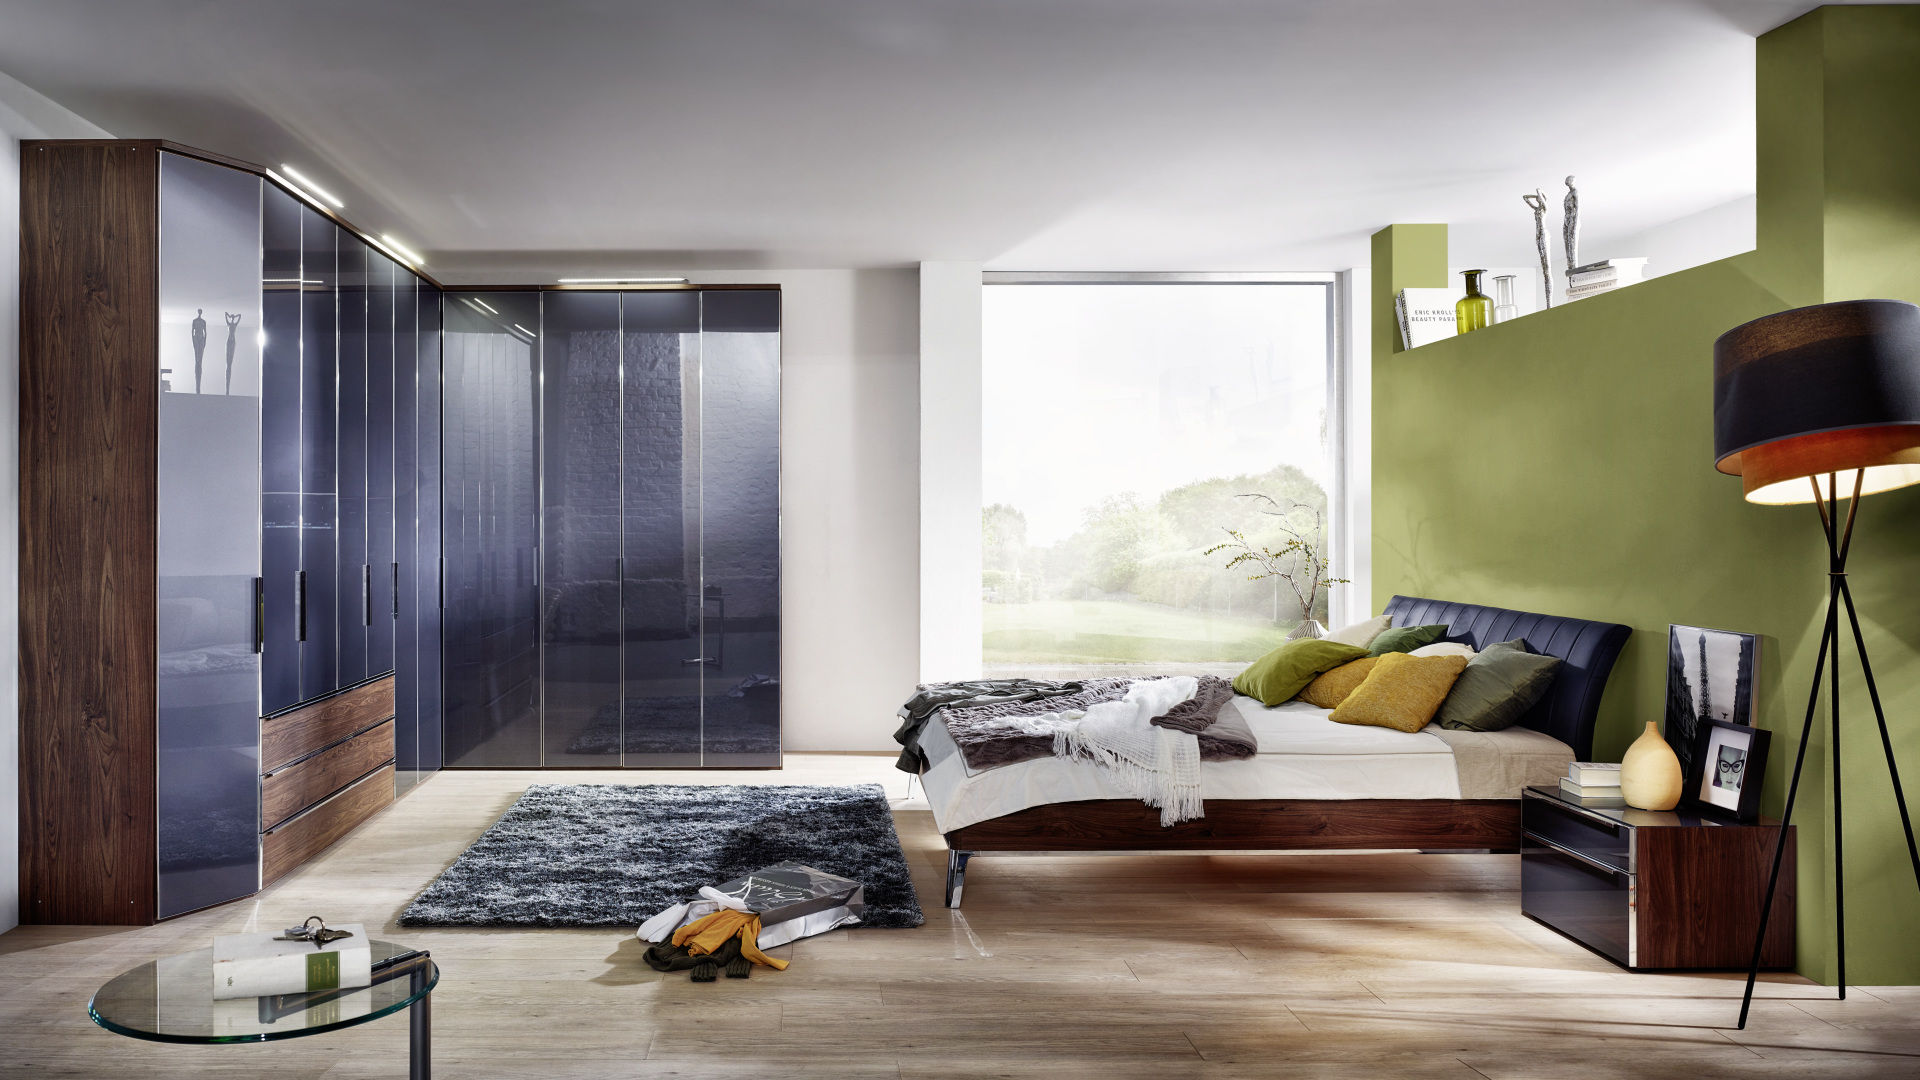 meble w sypialni w nowoczesnym desginie